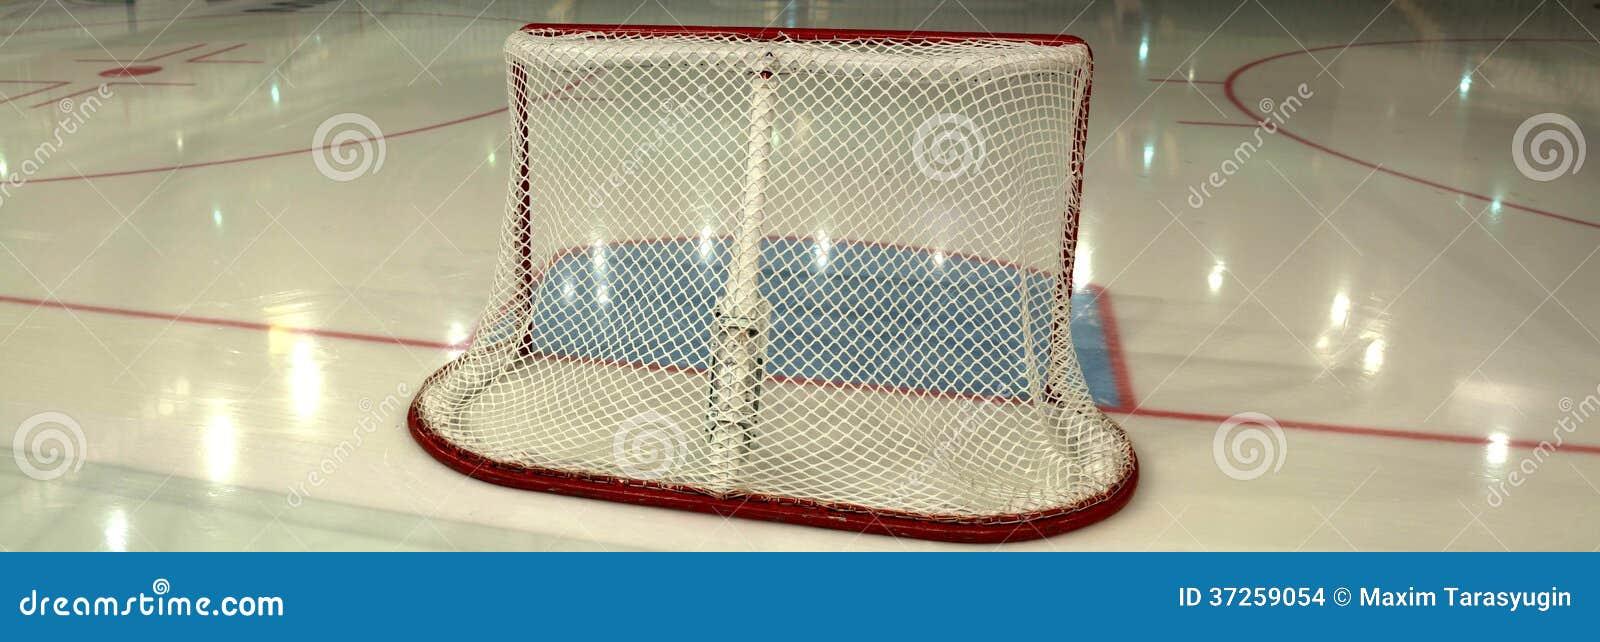 Пустая цель хоккея на катке. Взгляд со стороны